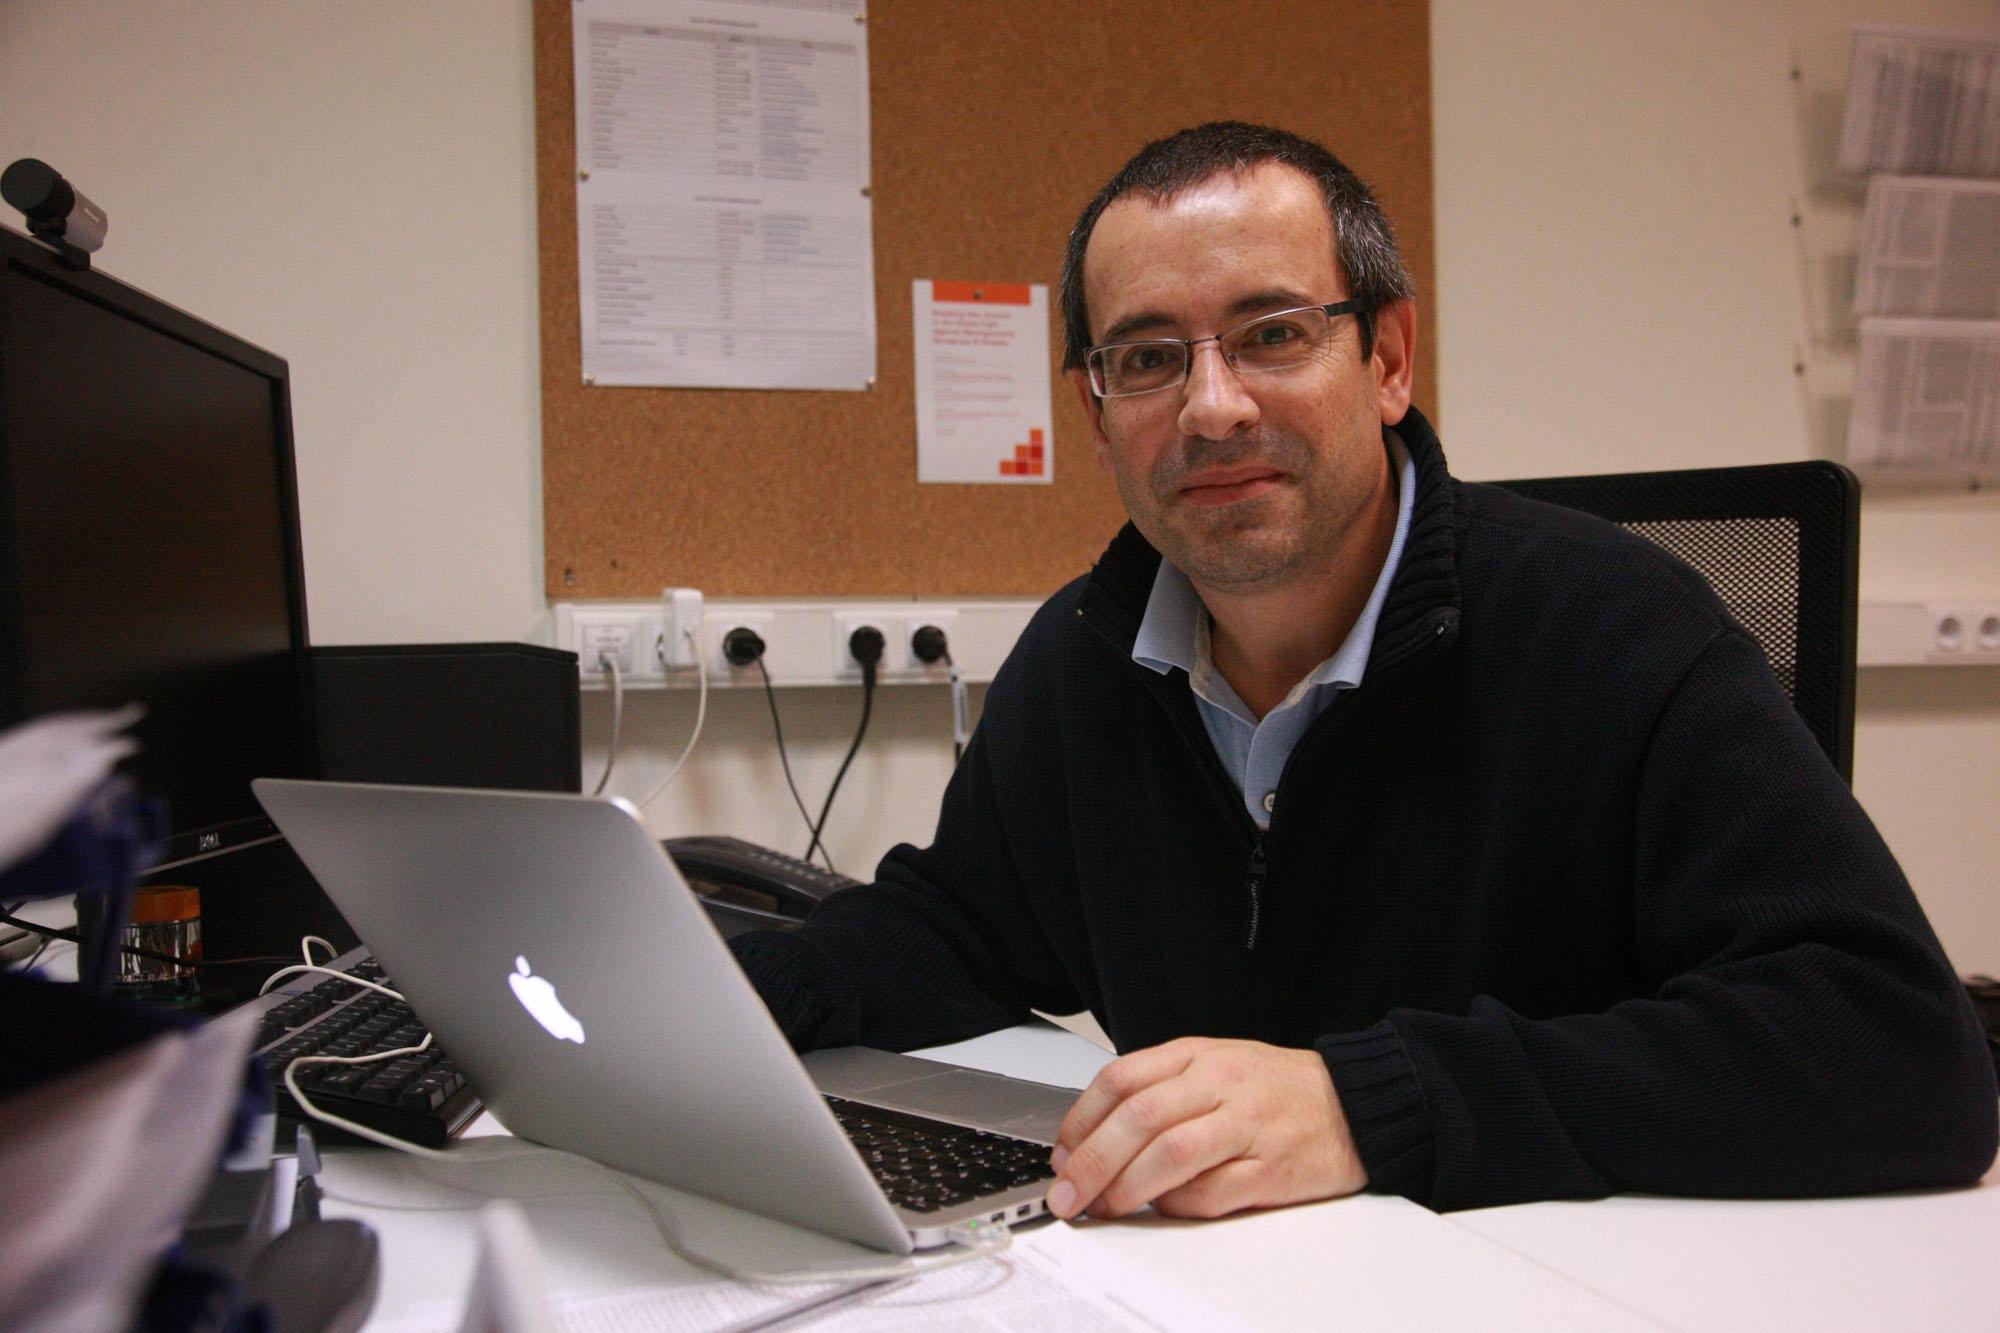 Antonio Salas